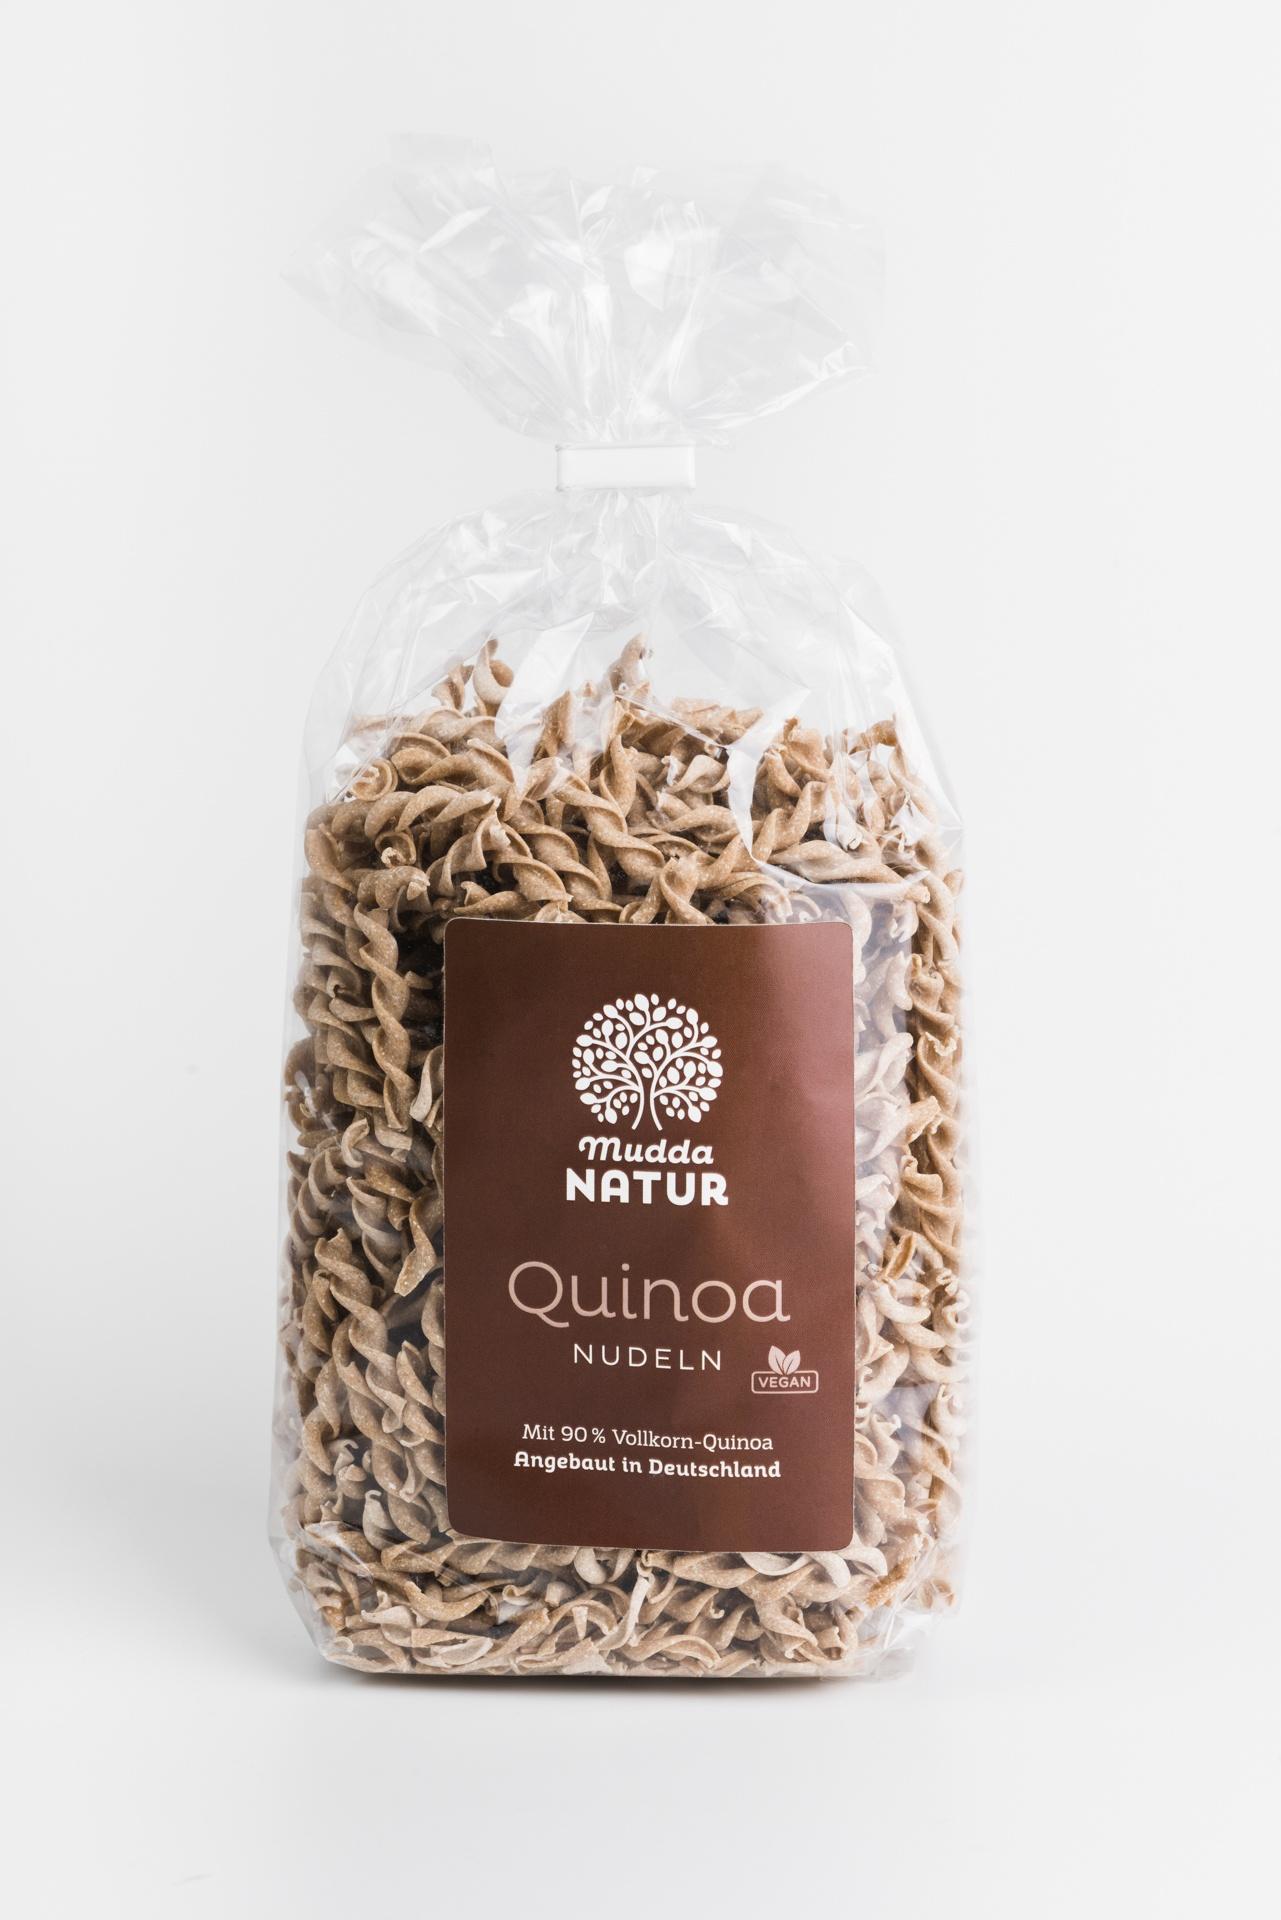 Quinoa Nudeln